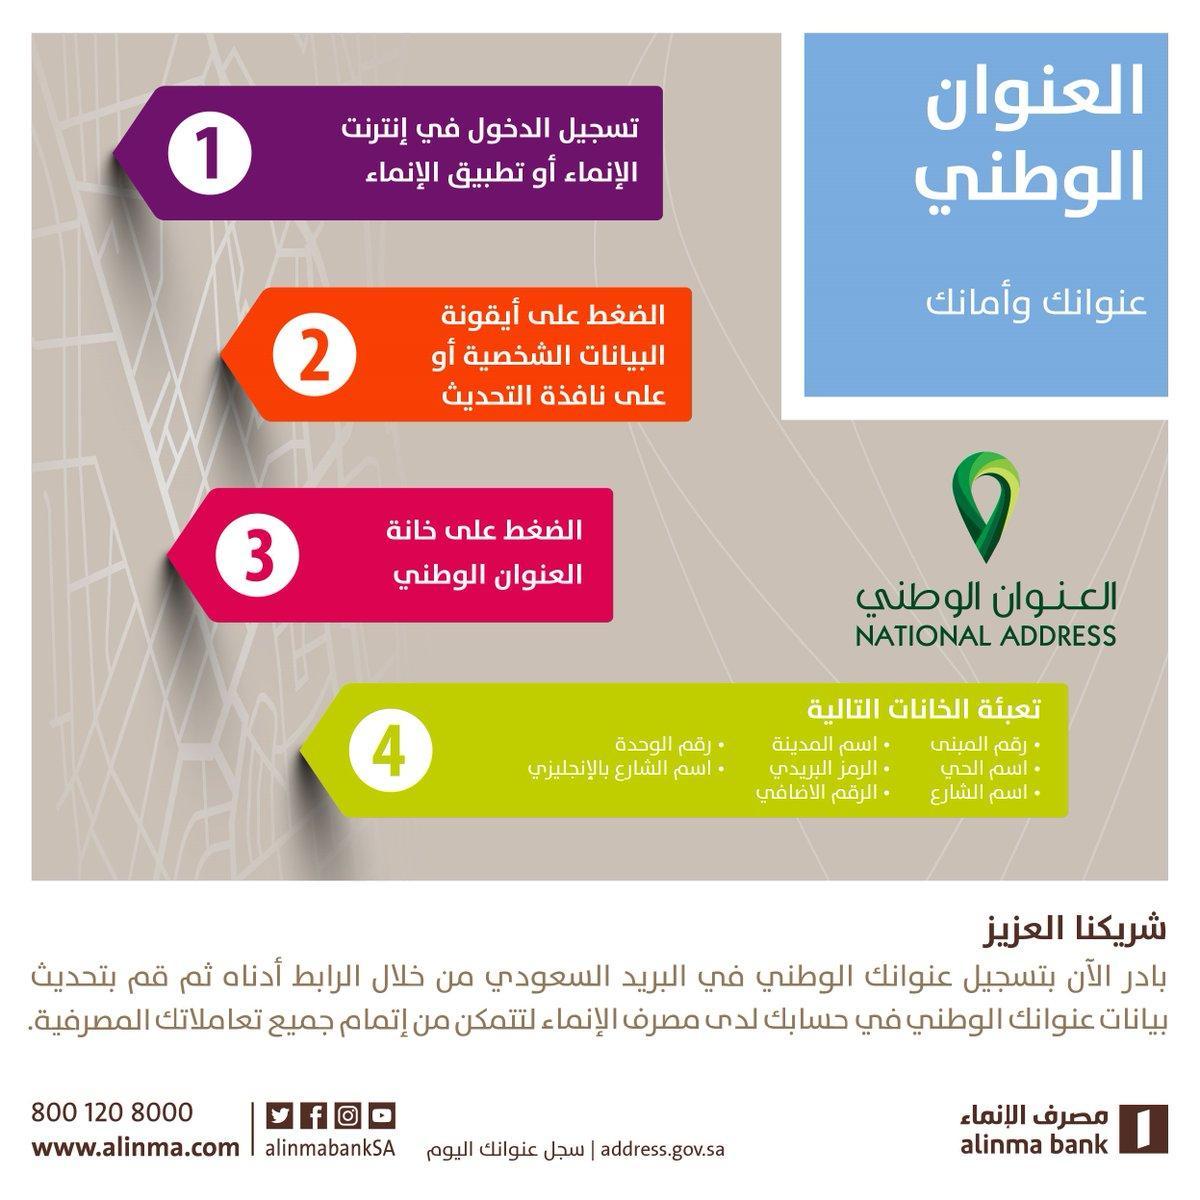 طريقة تسجيل العنوان الوطني السعودي برقم الهوية وأهم مميزات التسجيل3